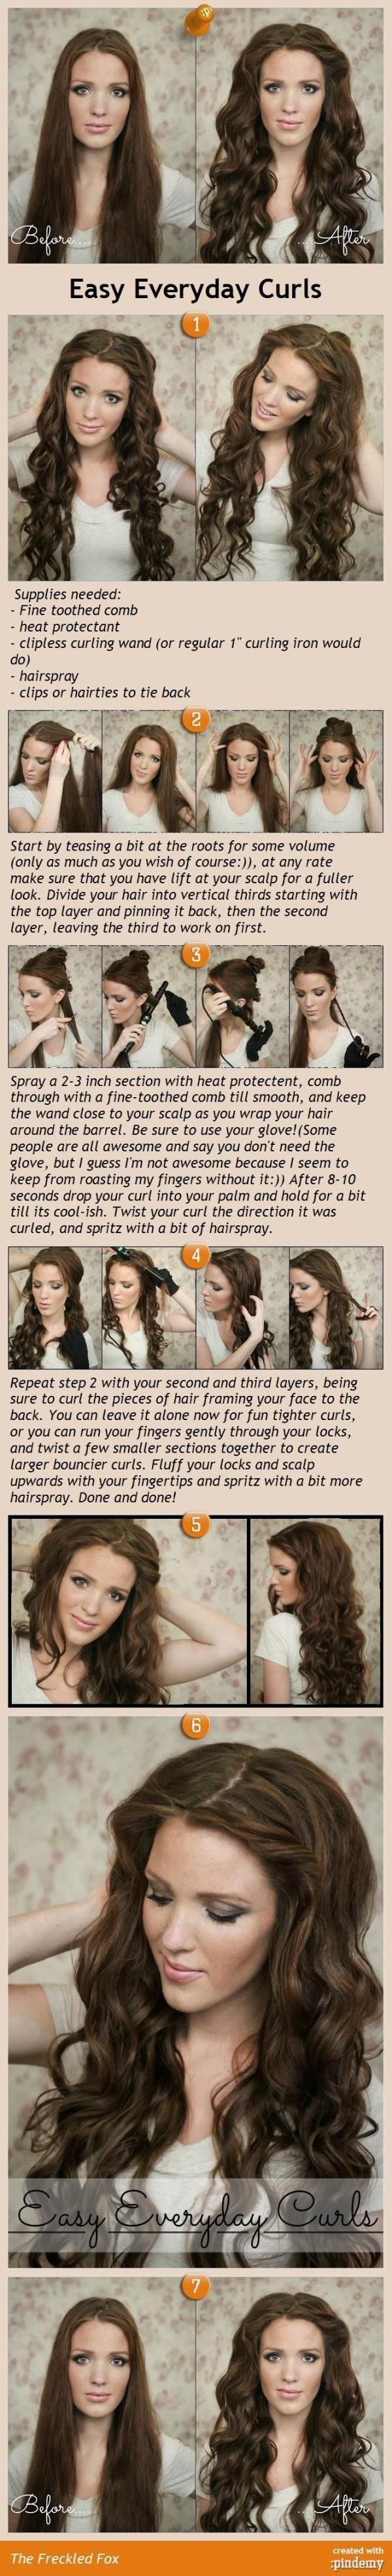 Easy Everyday Curls tutorial by julie.m